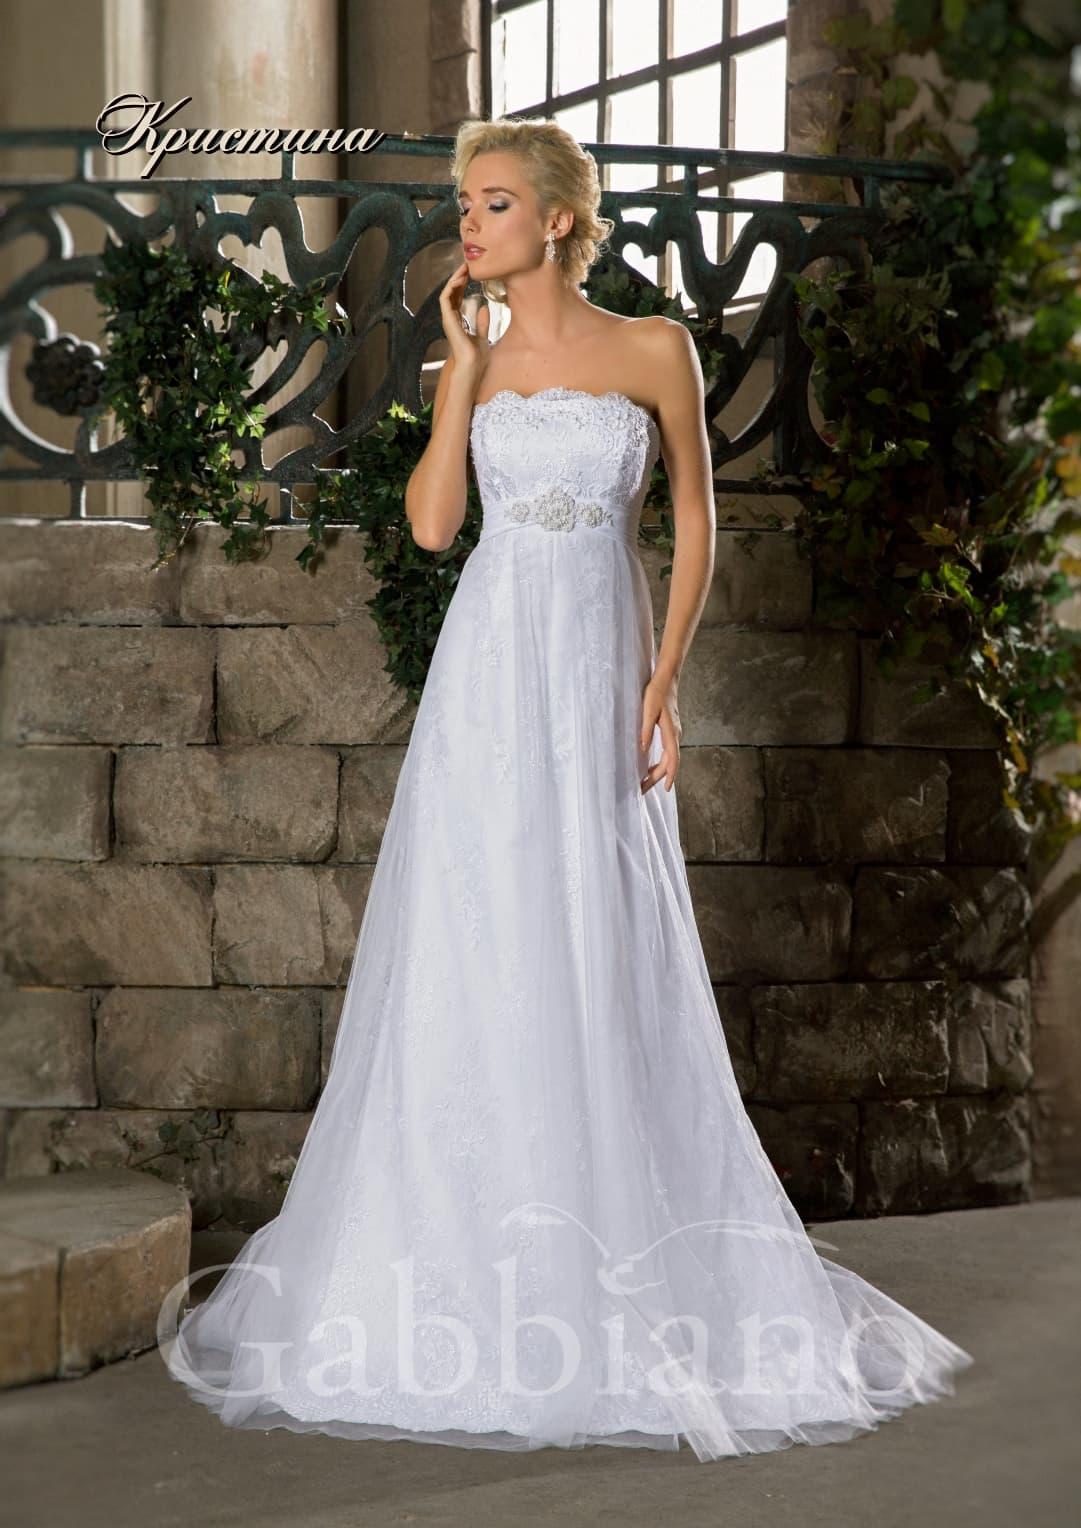 Кружевное свадебное платье с завышенной линией талии и юбкой прямого кроя.